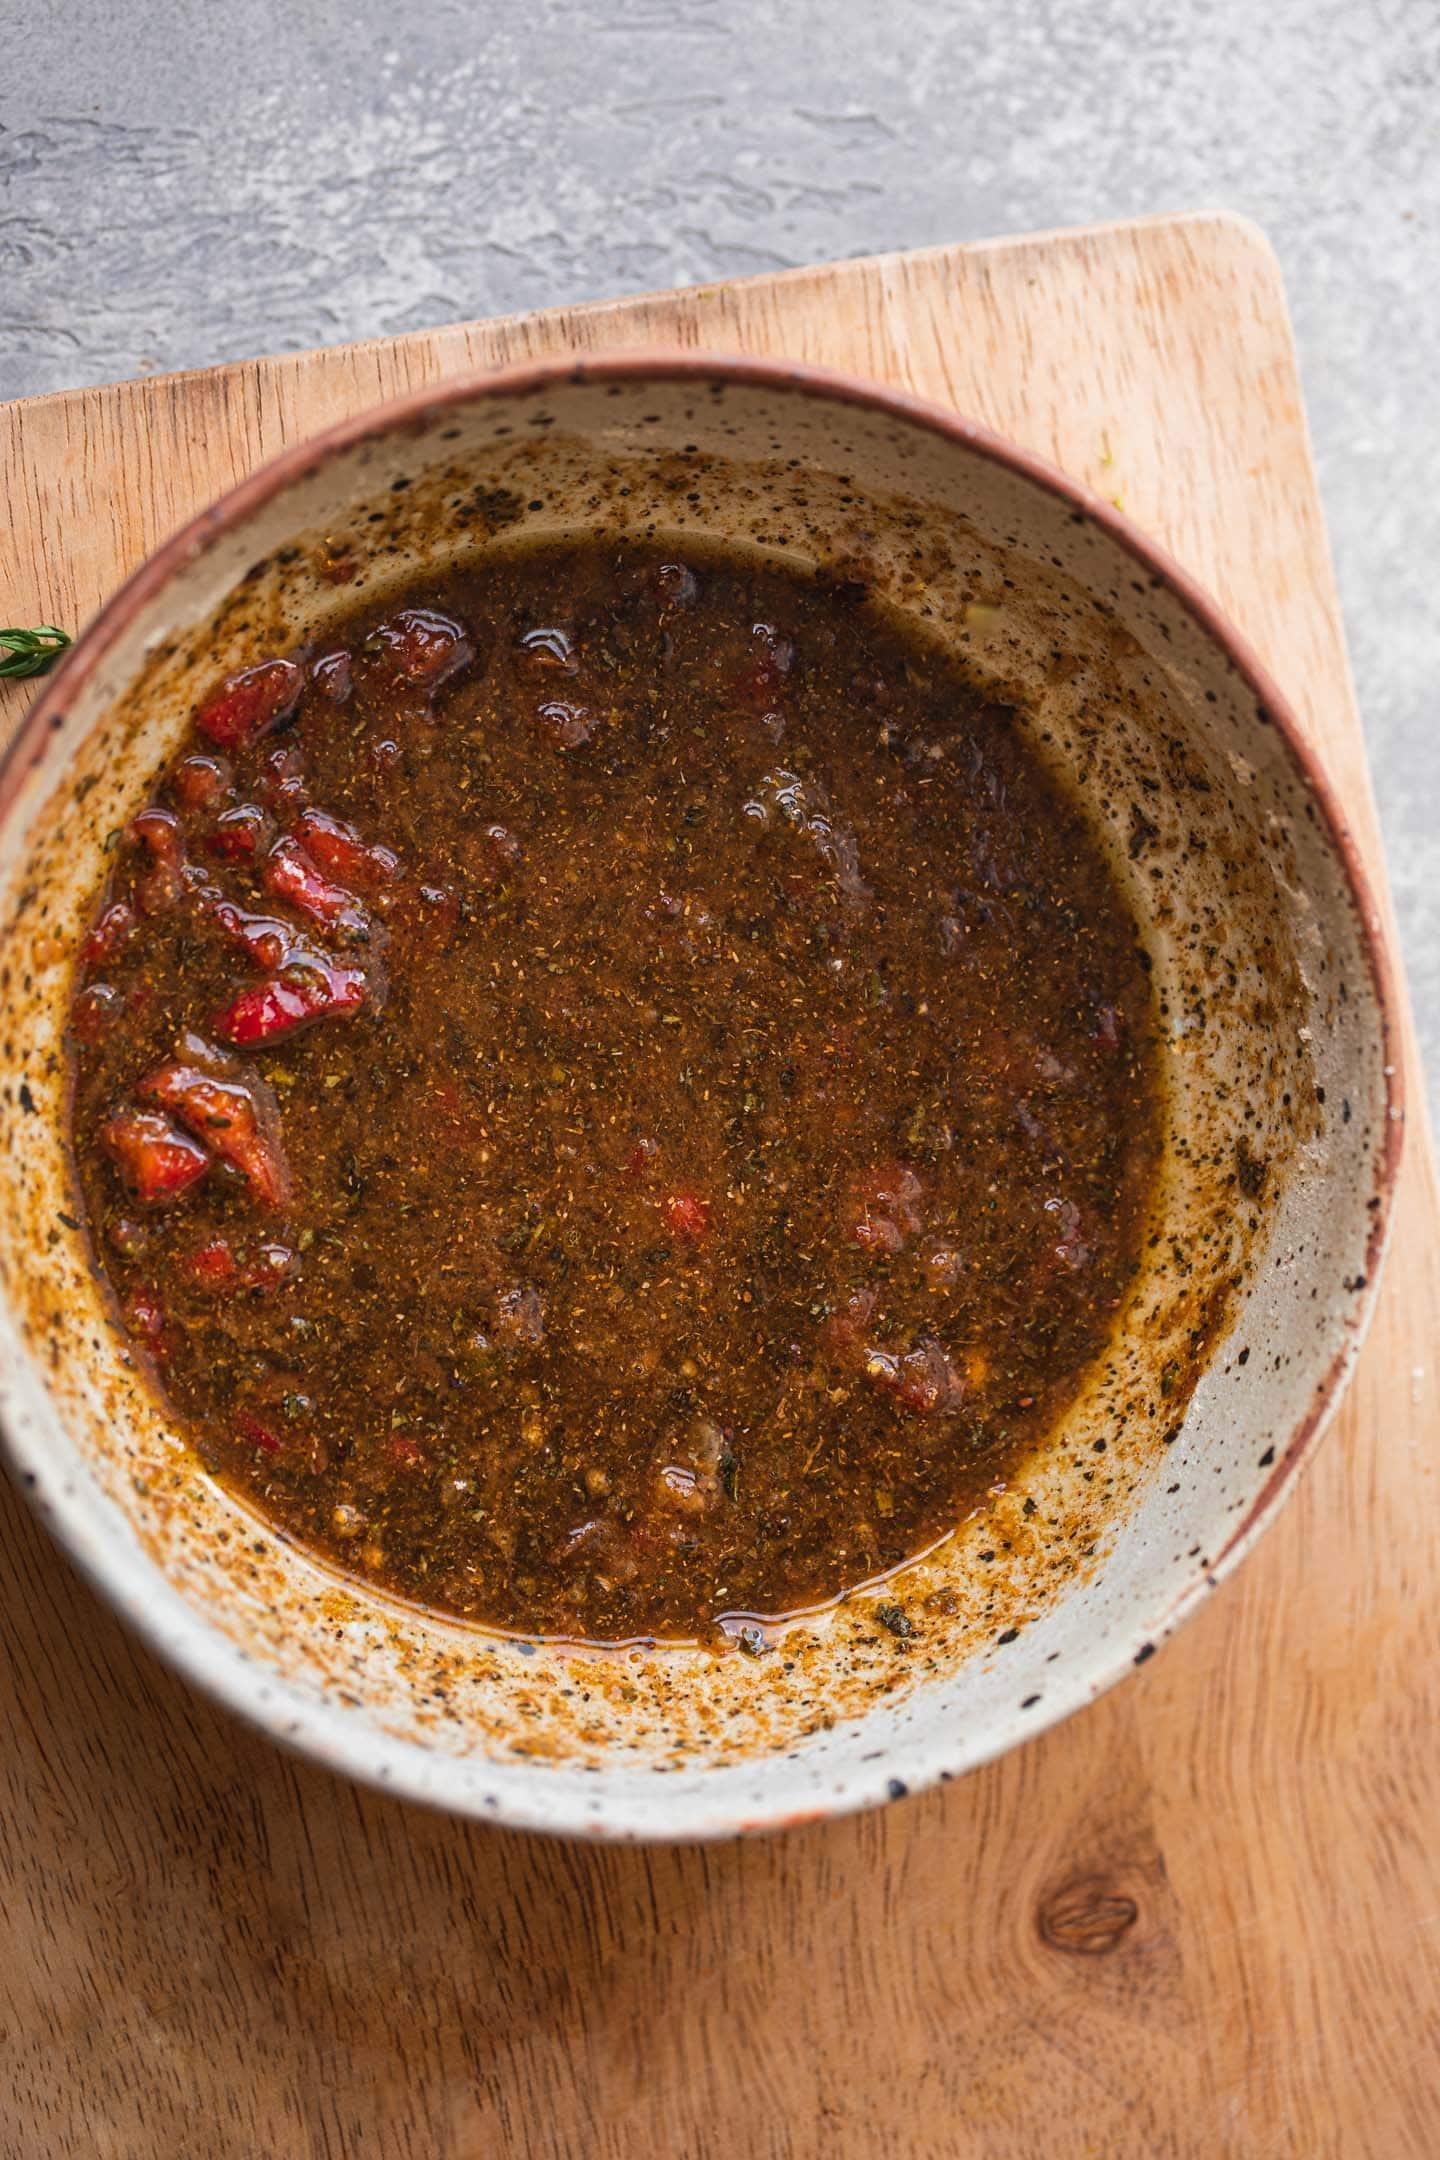 Herby garlic sauce